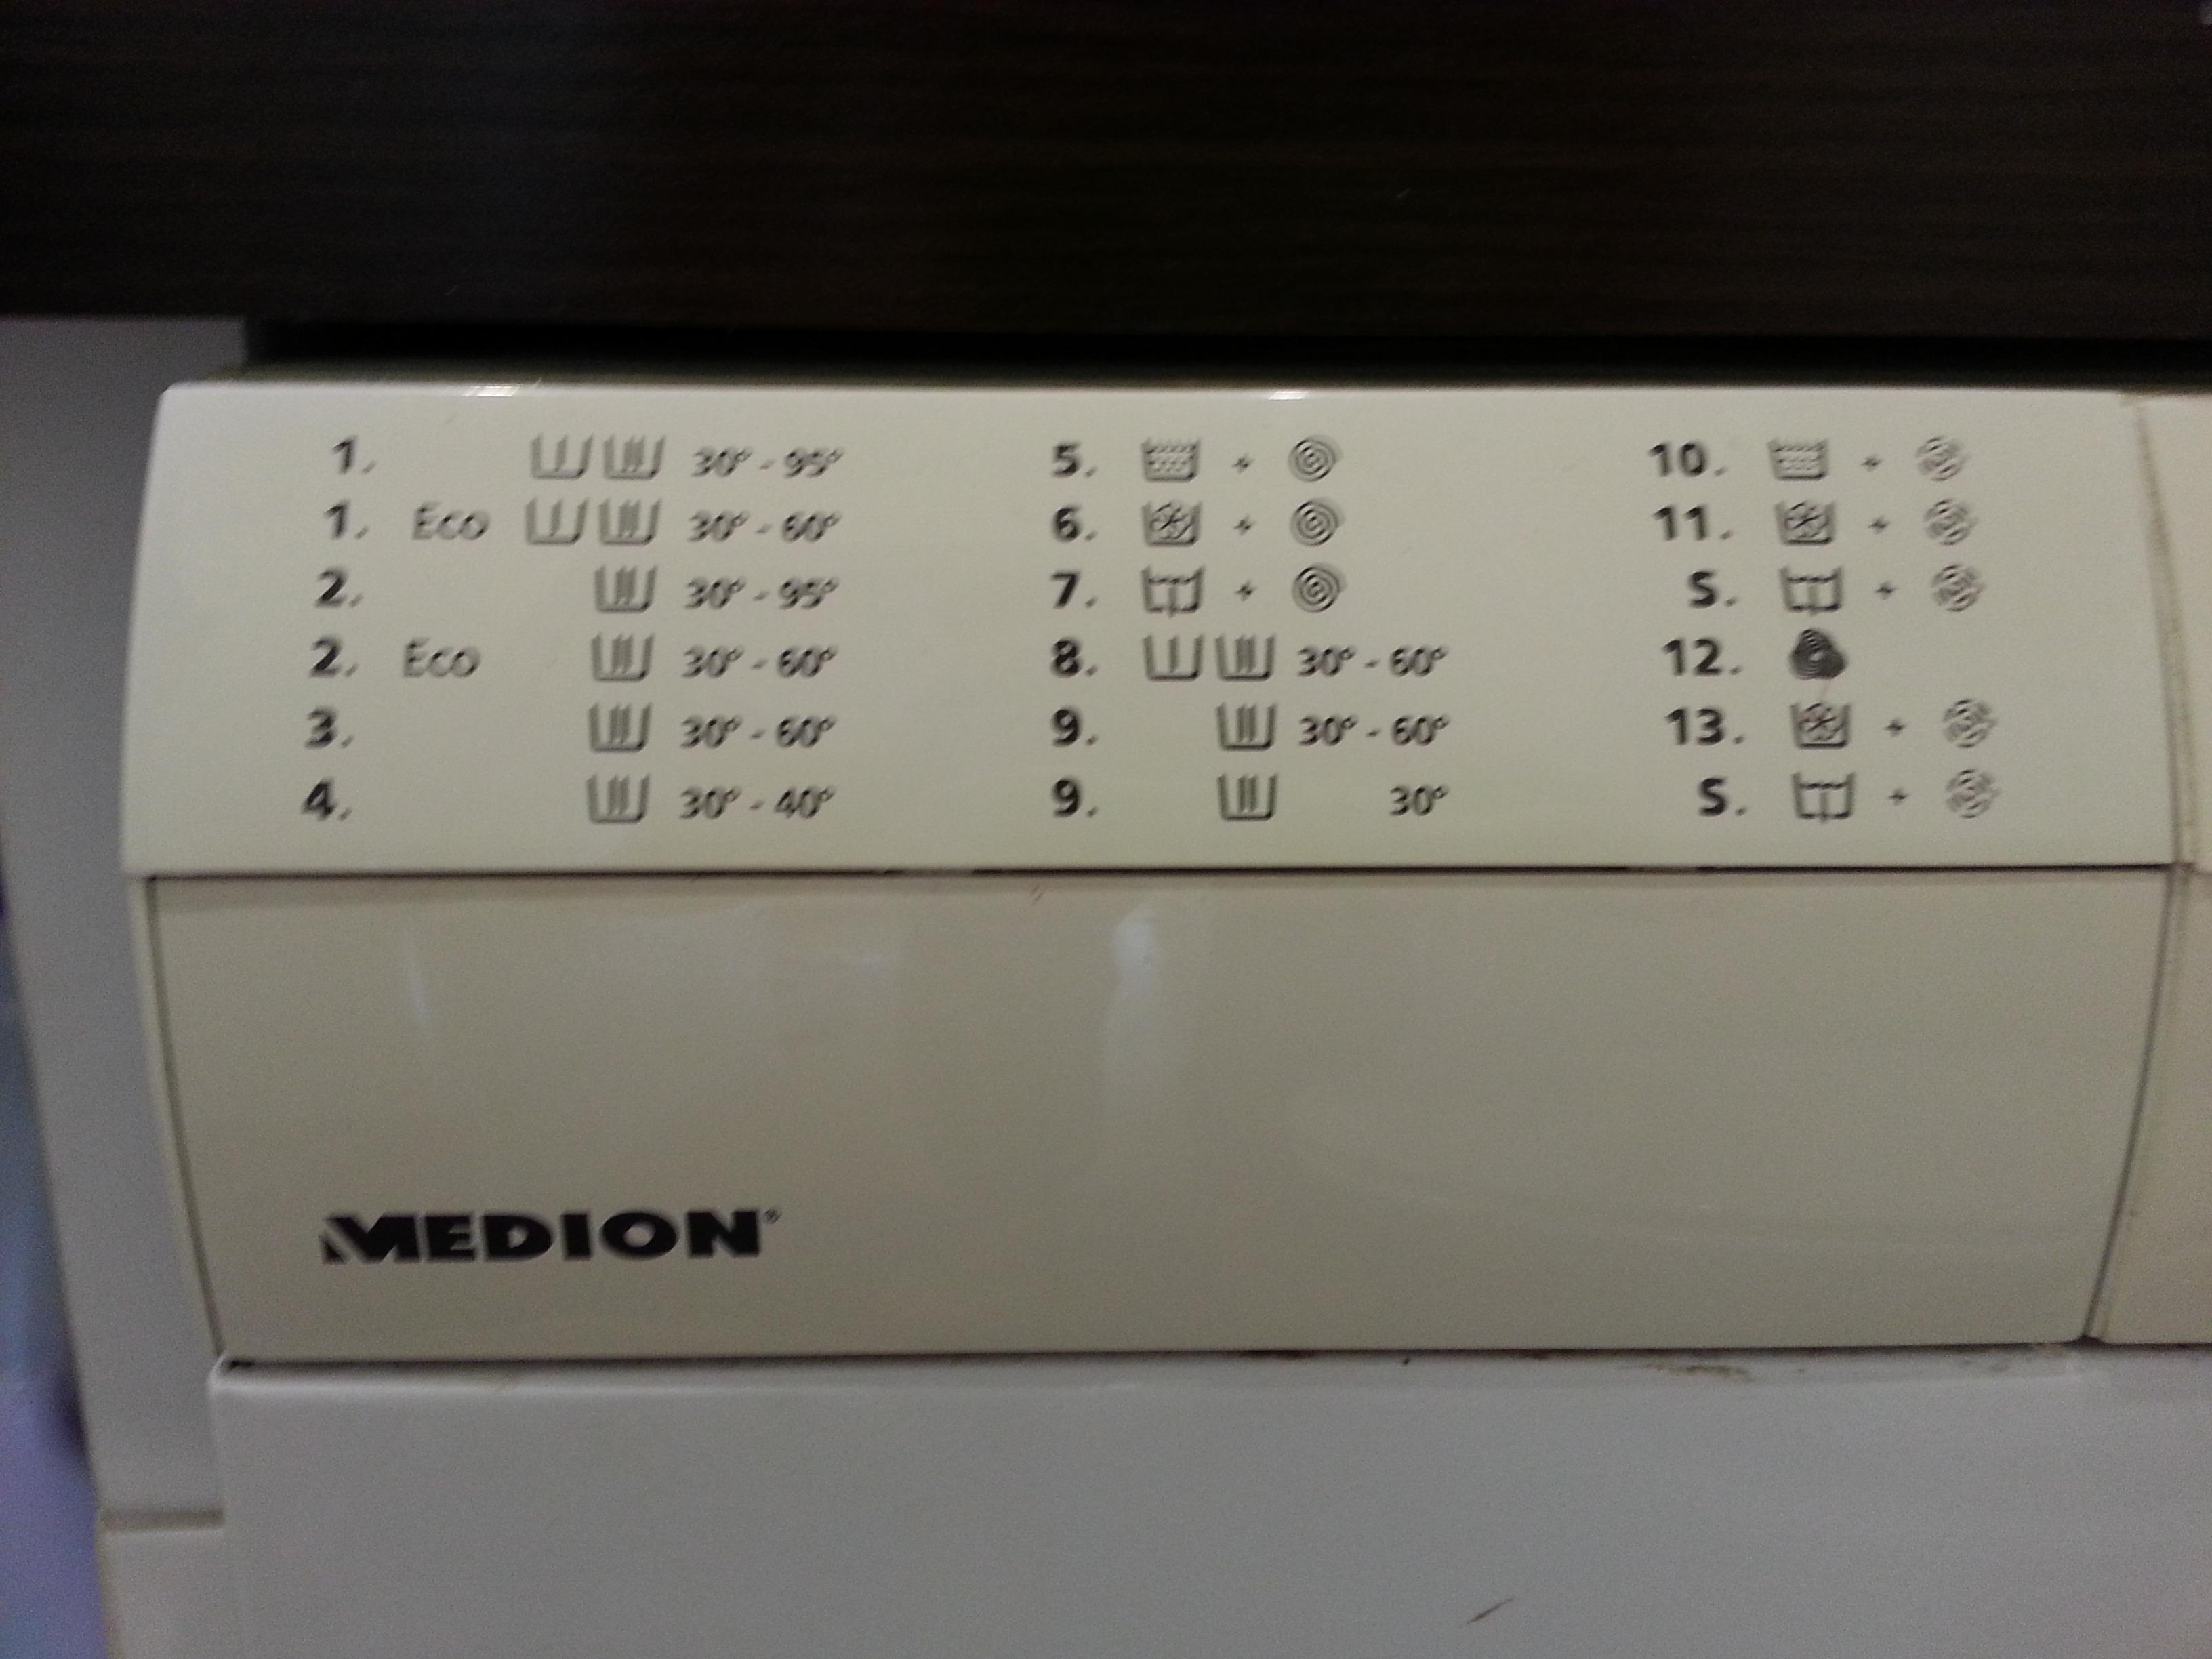 pralka automatyczna medion (nie znam konkretnych danych) - szukam instrukcji